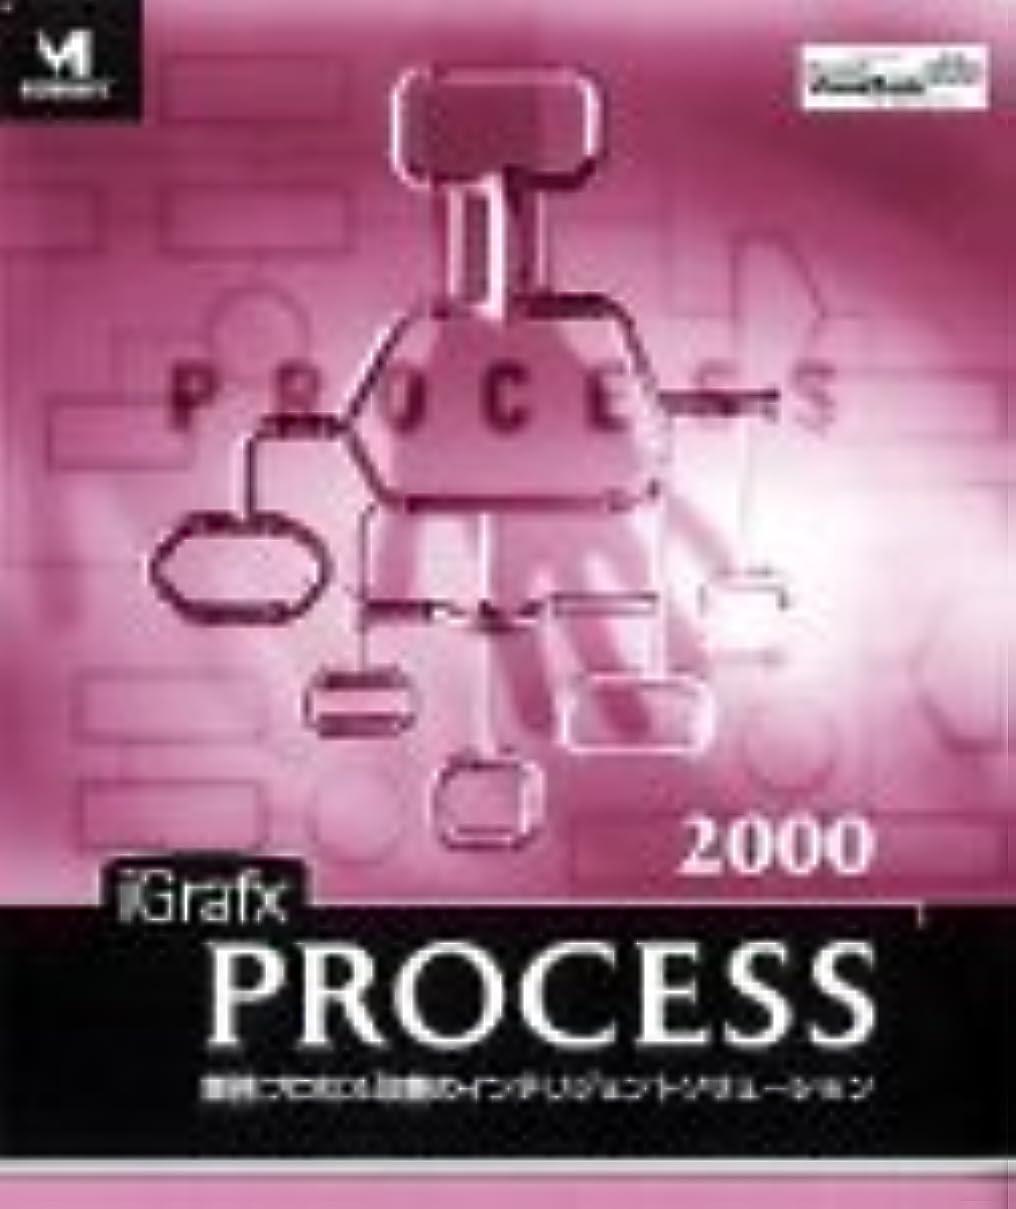 長老九時四十五分牛肉iGrafx Process 2000